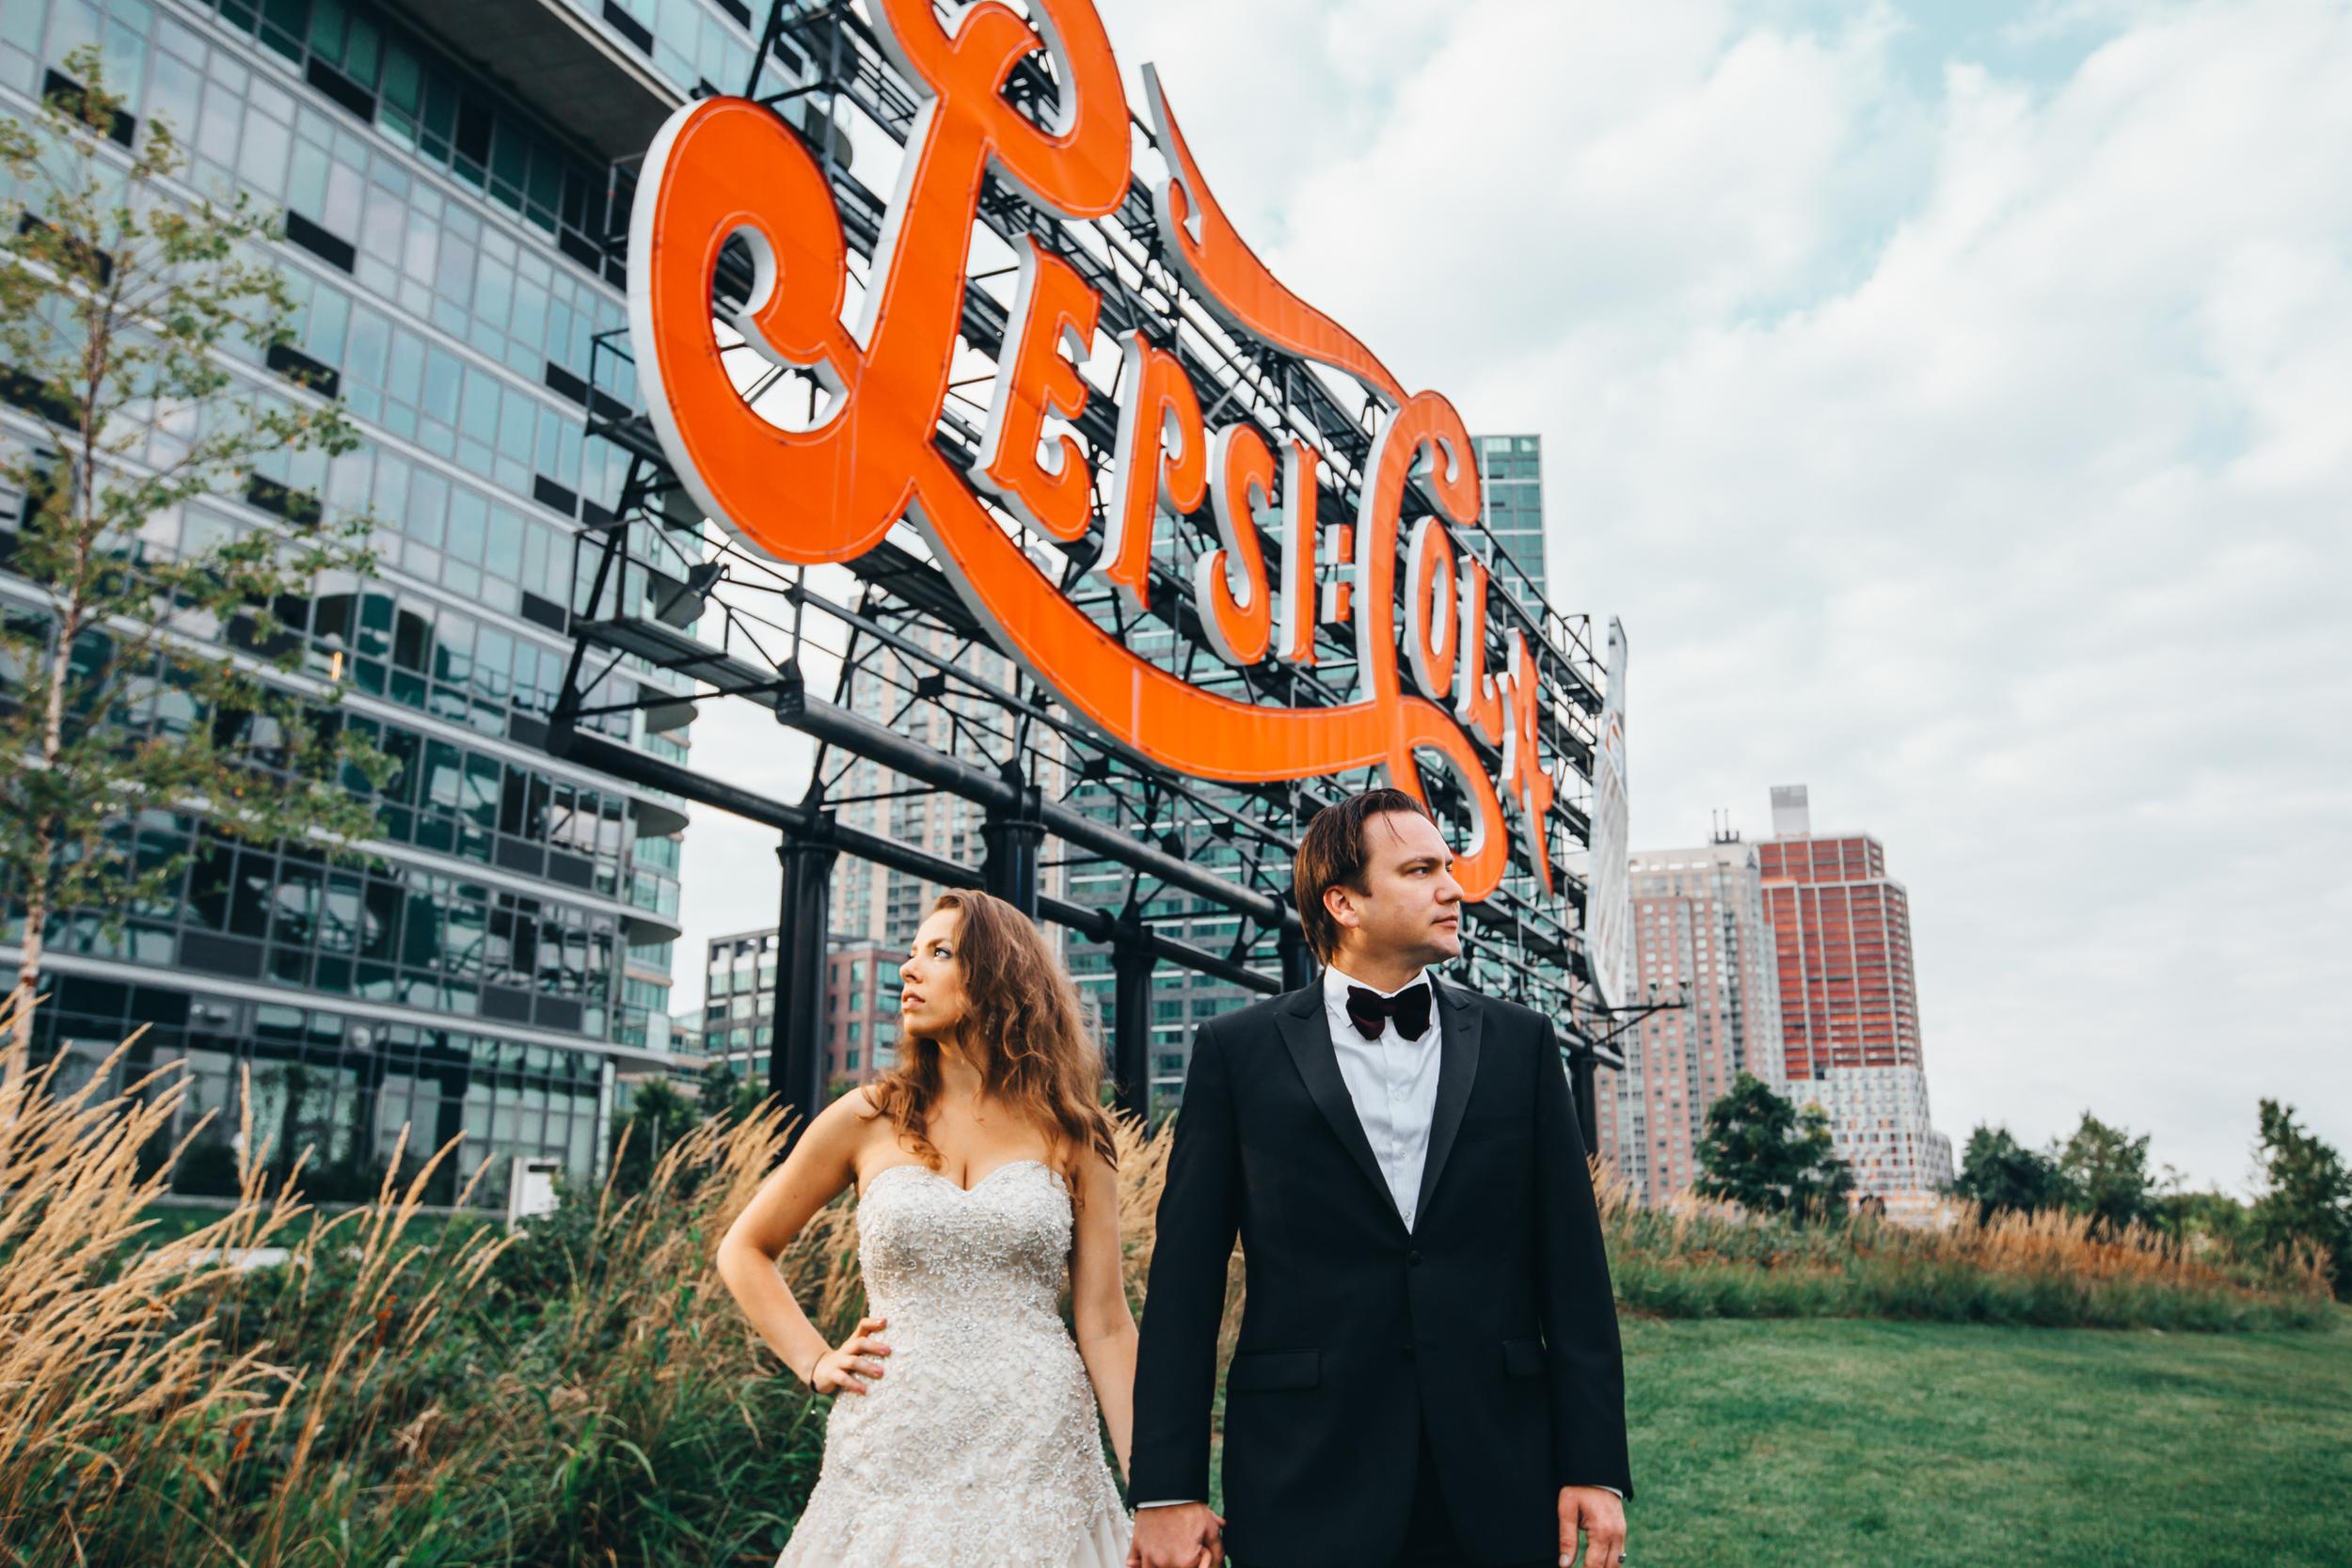 New York Wedding Photographer Boris Zaretsky Boris_Zaretsky_Photography__B2C6390 copy.jpg